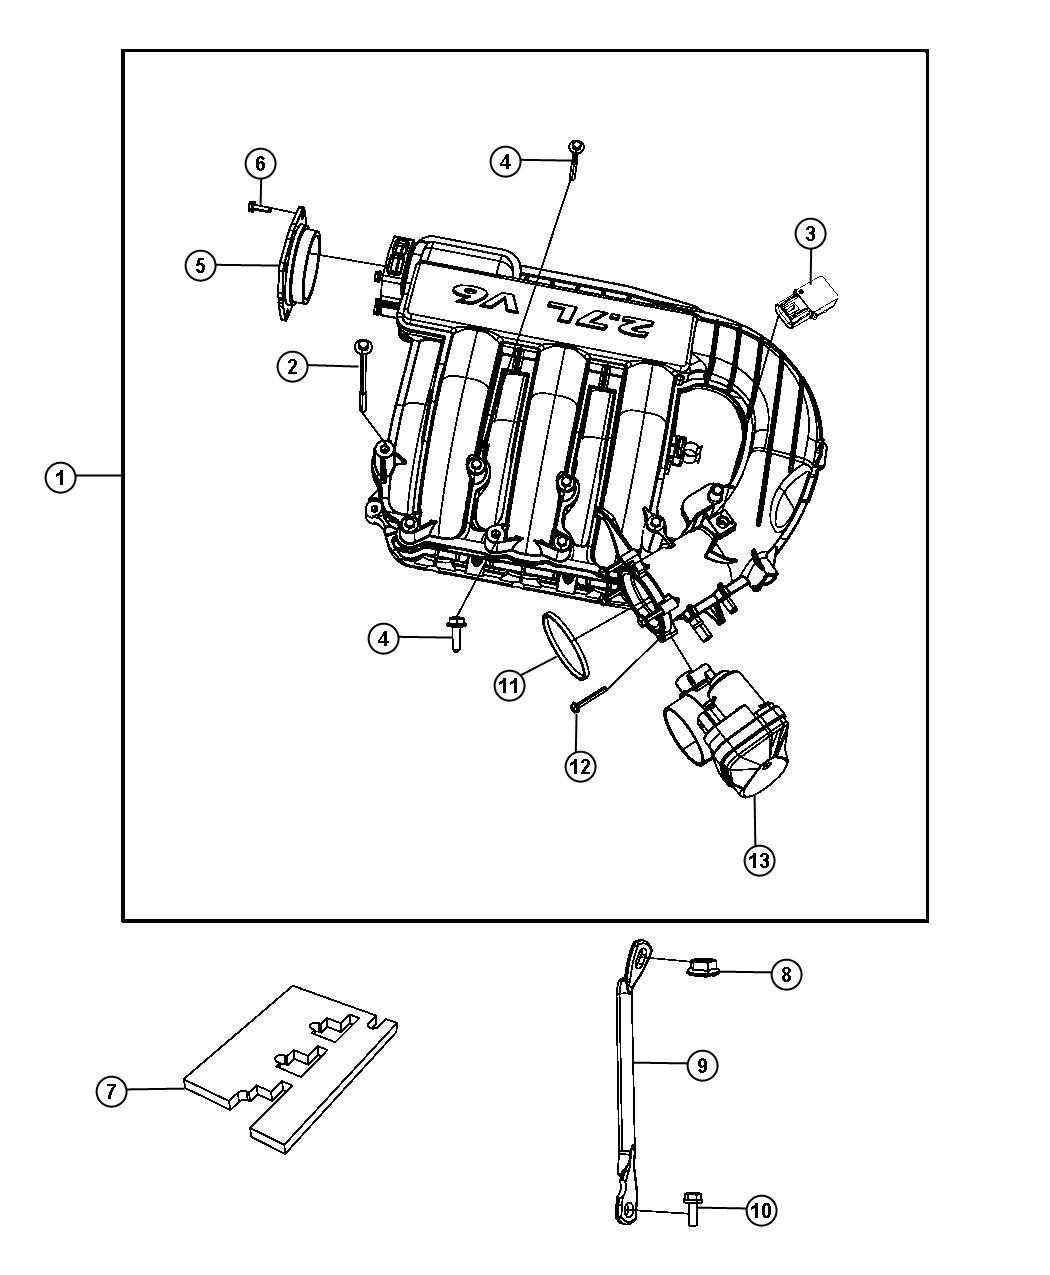 24 Valve Dohc V6 Engine Diagram